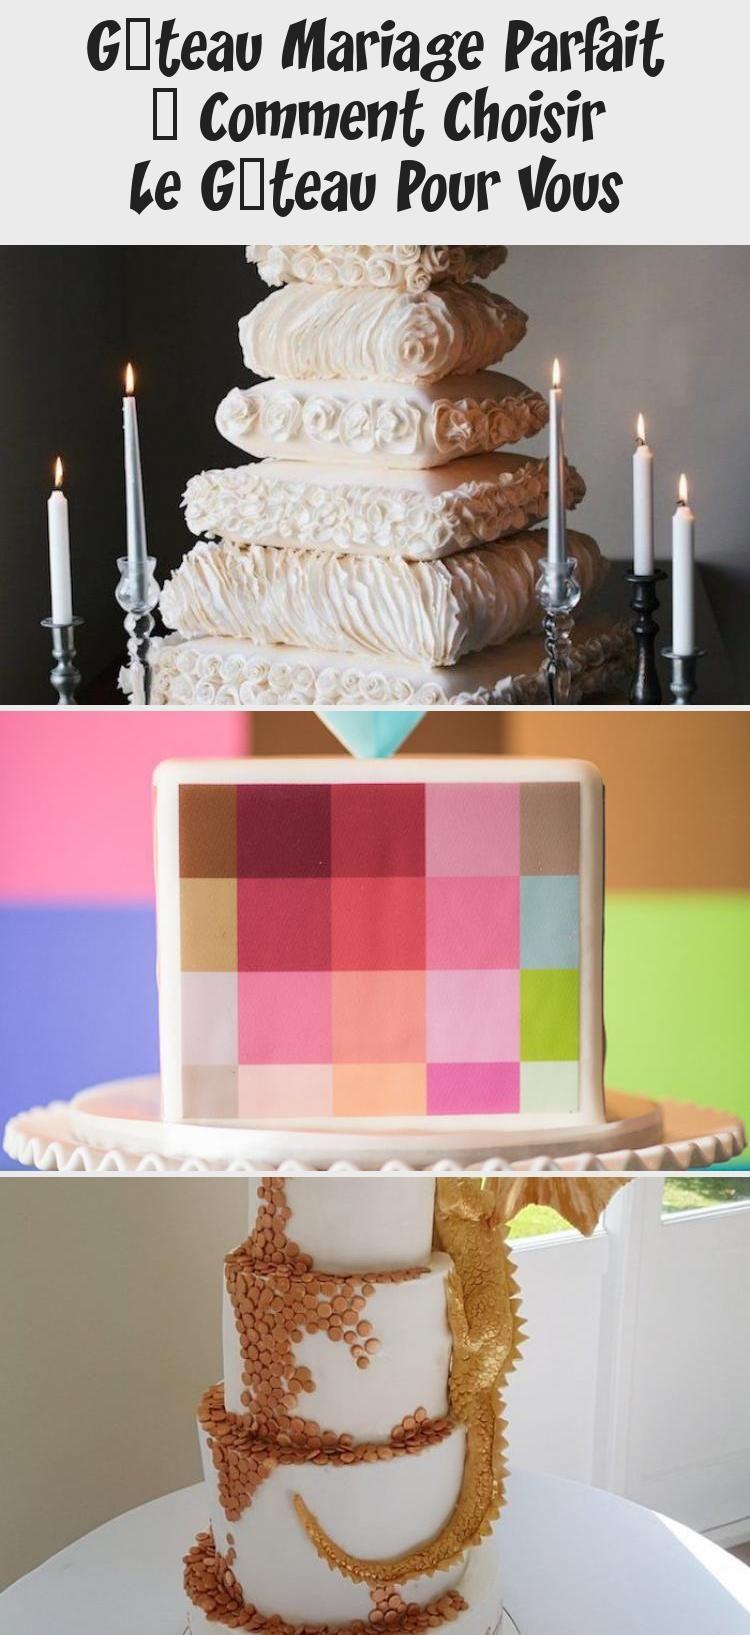 Gâteau Mariage Parfait - Comment Choisir Le Gâteau Pour Vous in 2020 | Unique wedding cakes